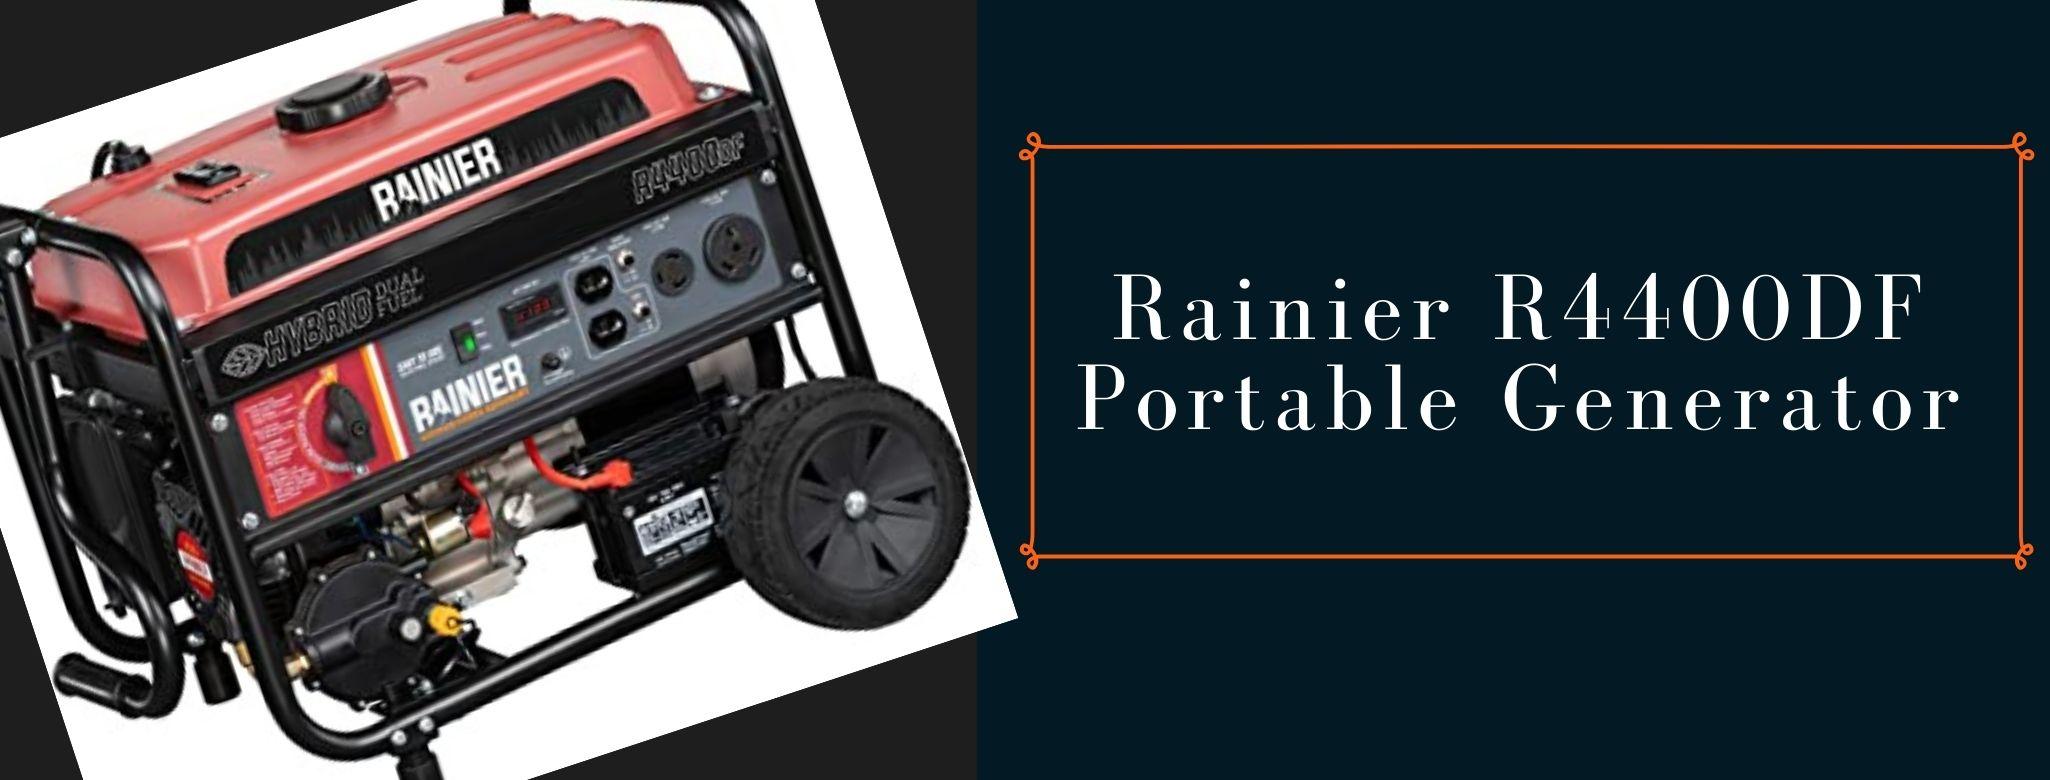 Rainier lightweight powerstation